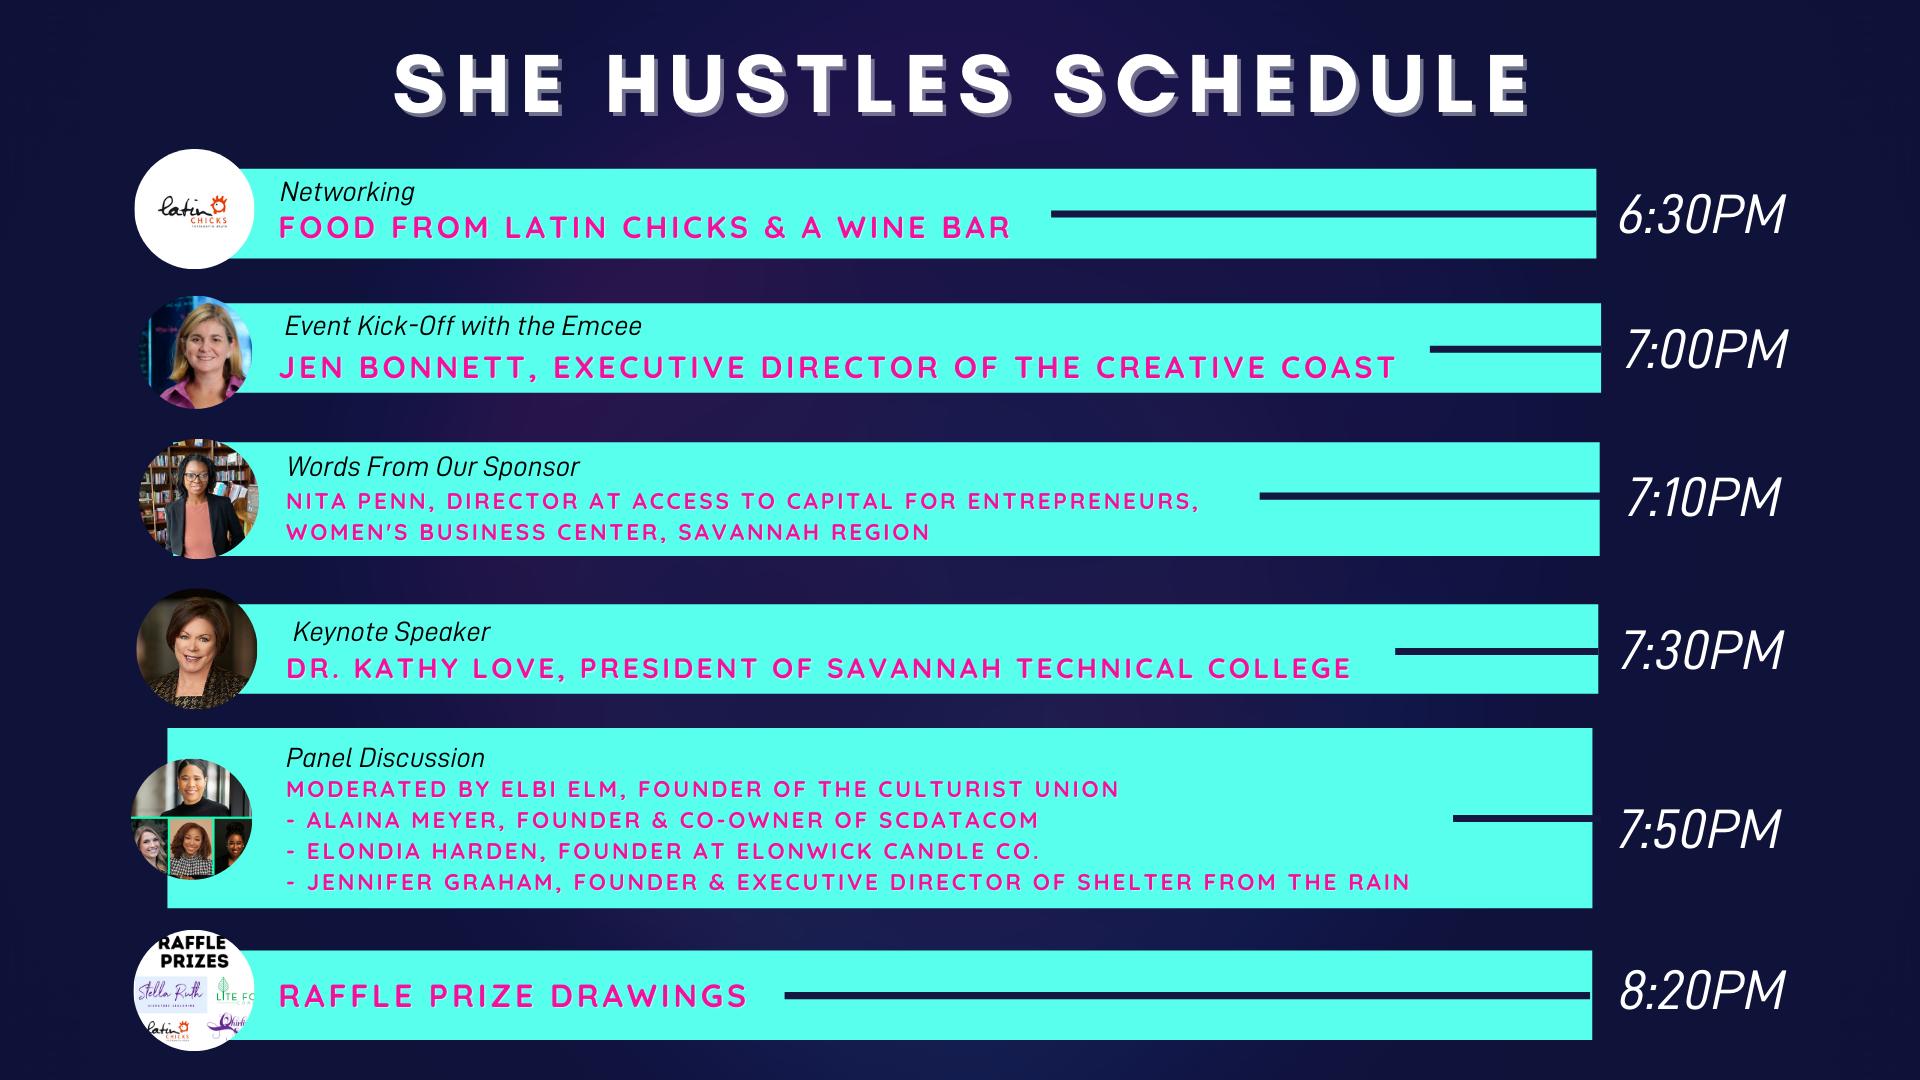 SHE HUSTLES 20201 - Event Program (2)